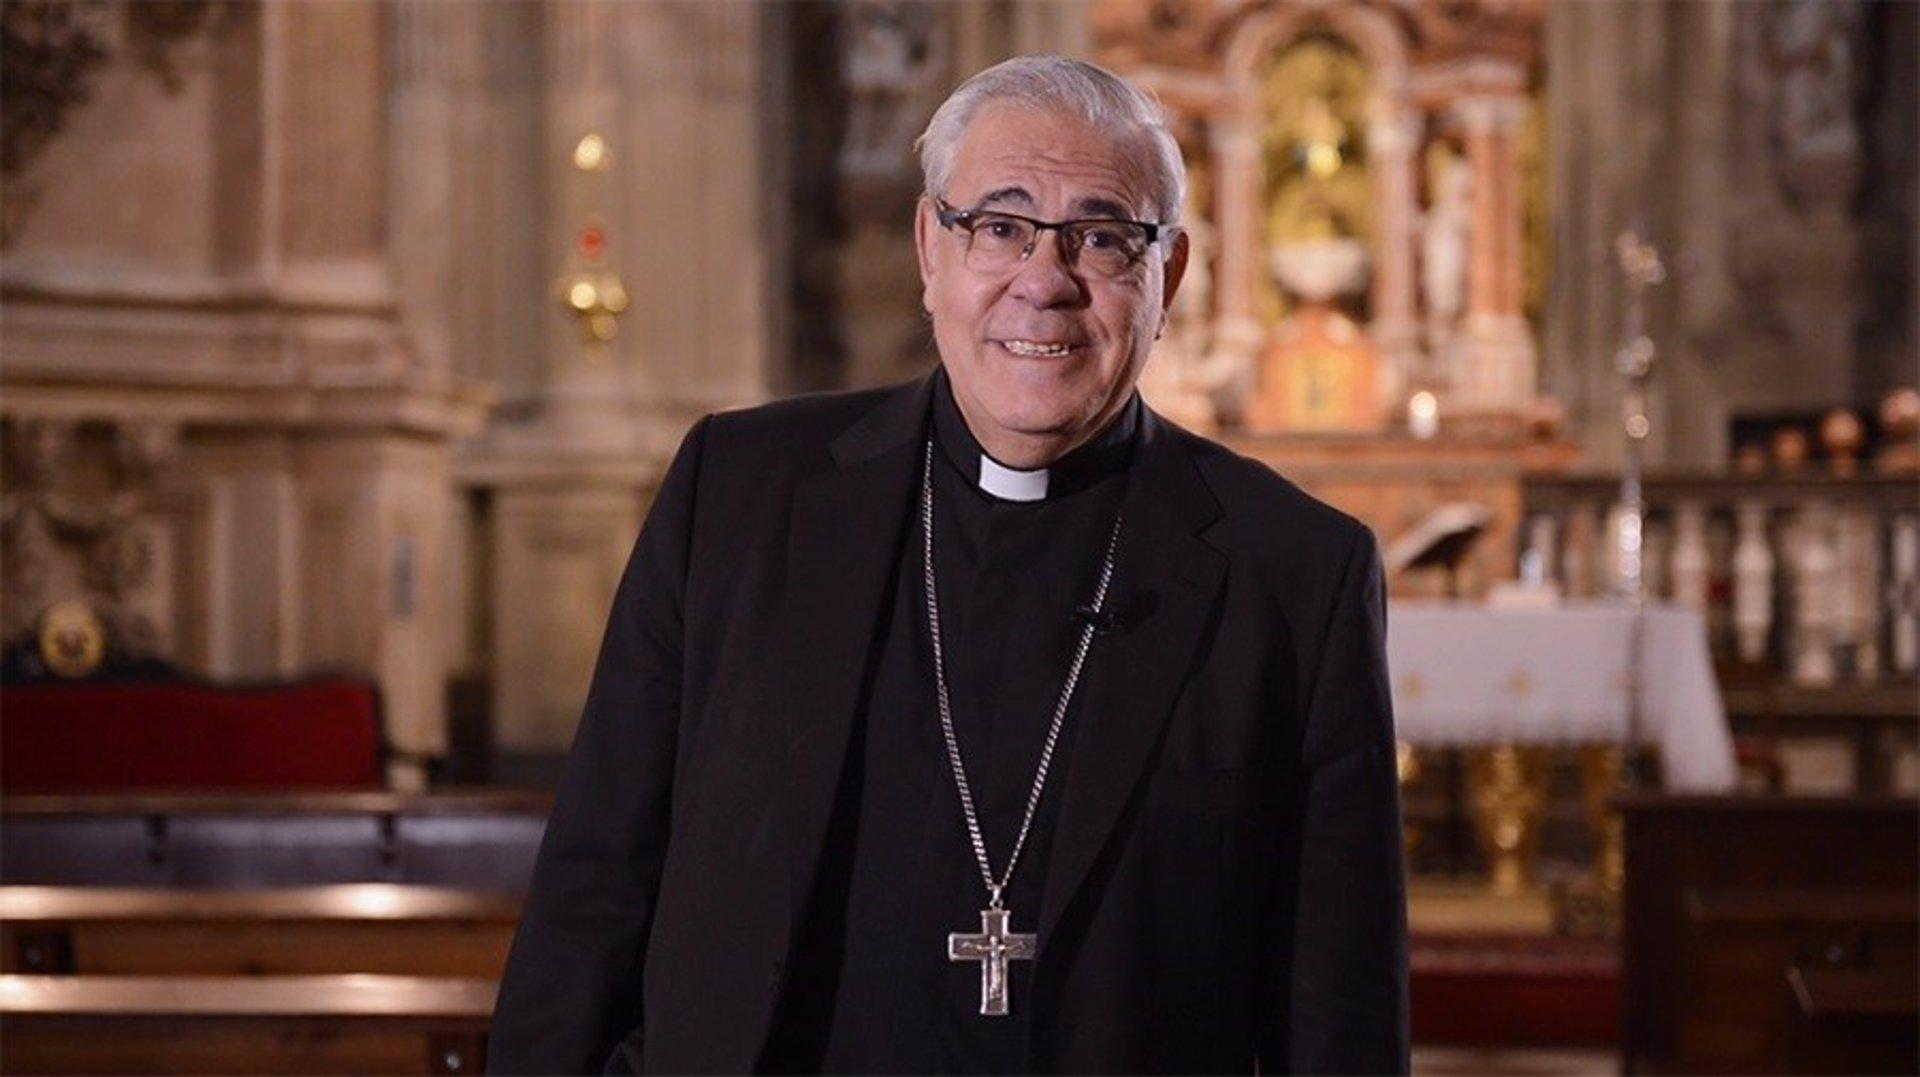 El arzobispo confirma que la Patrona no procesionará pese a la relajación de las restricciones